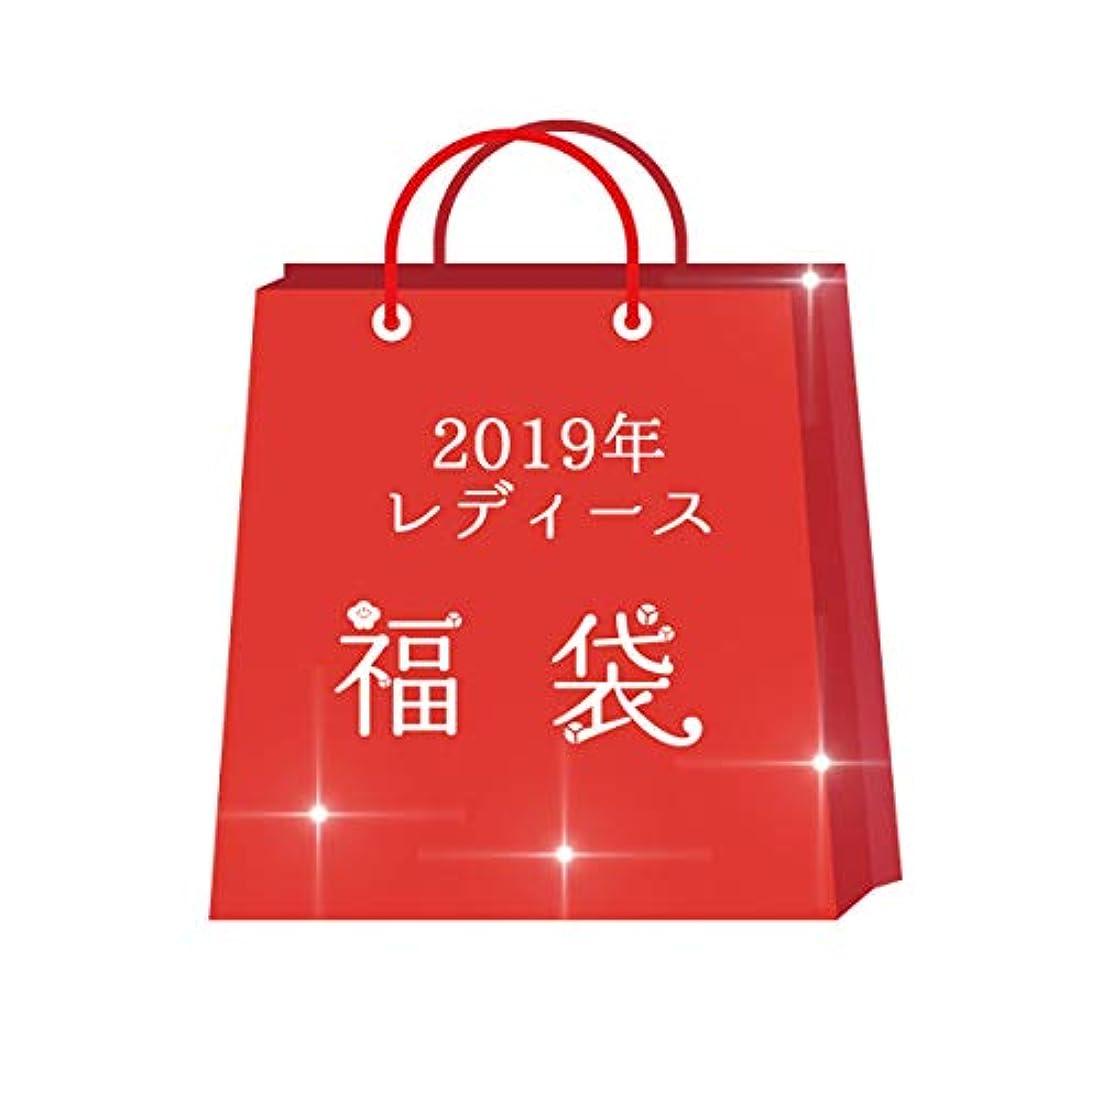 受けるビルマ肥沃な2019年福袋 ◆ これが限界! 3点入りレディース福袋